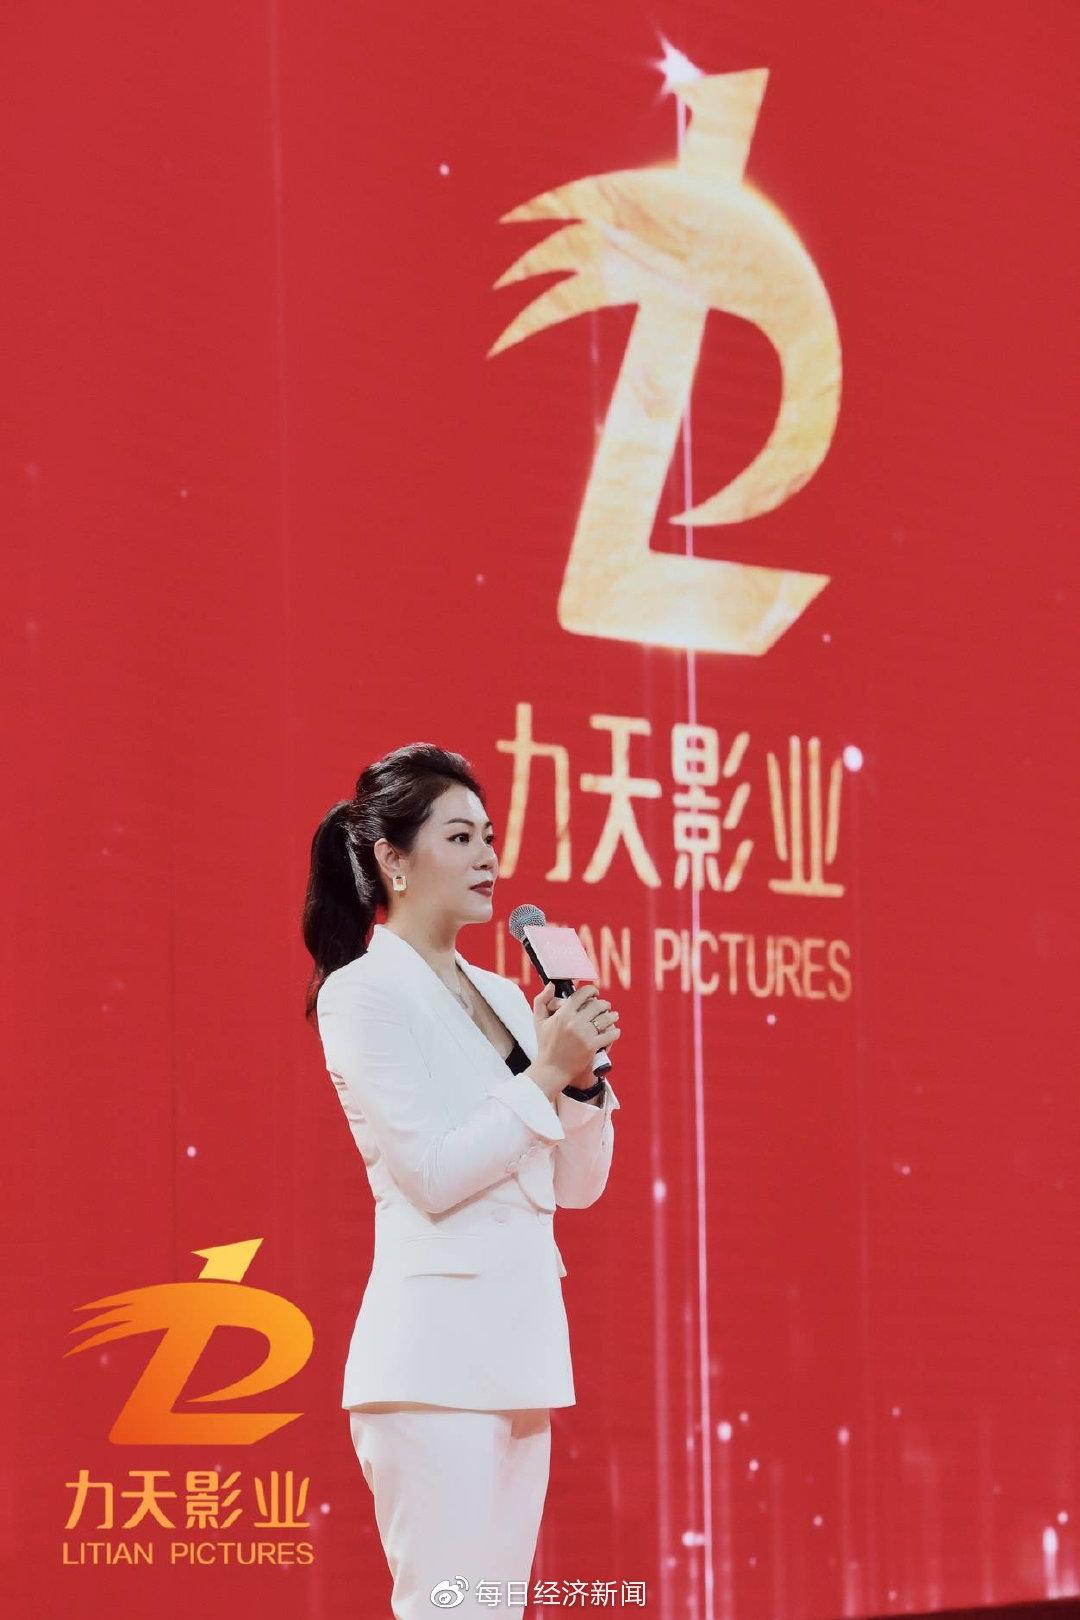 力天影业上市祝捷仪式圆满落成 在香港成功上市开启新篇章